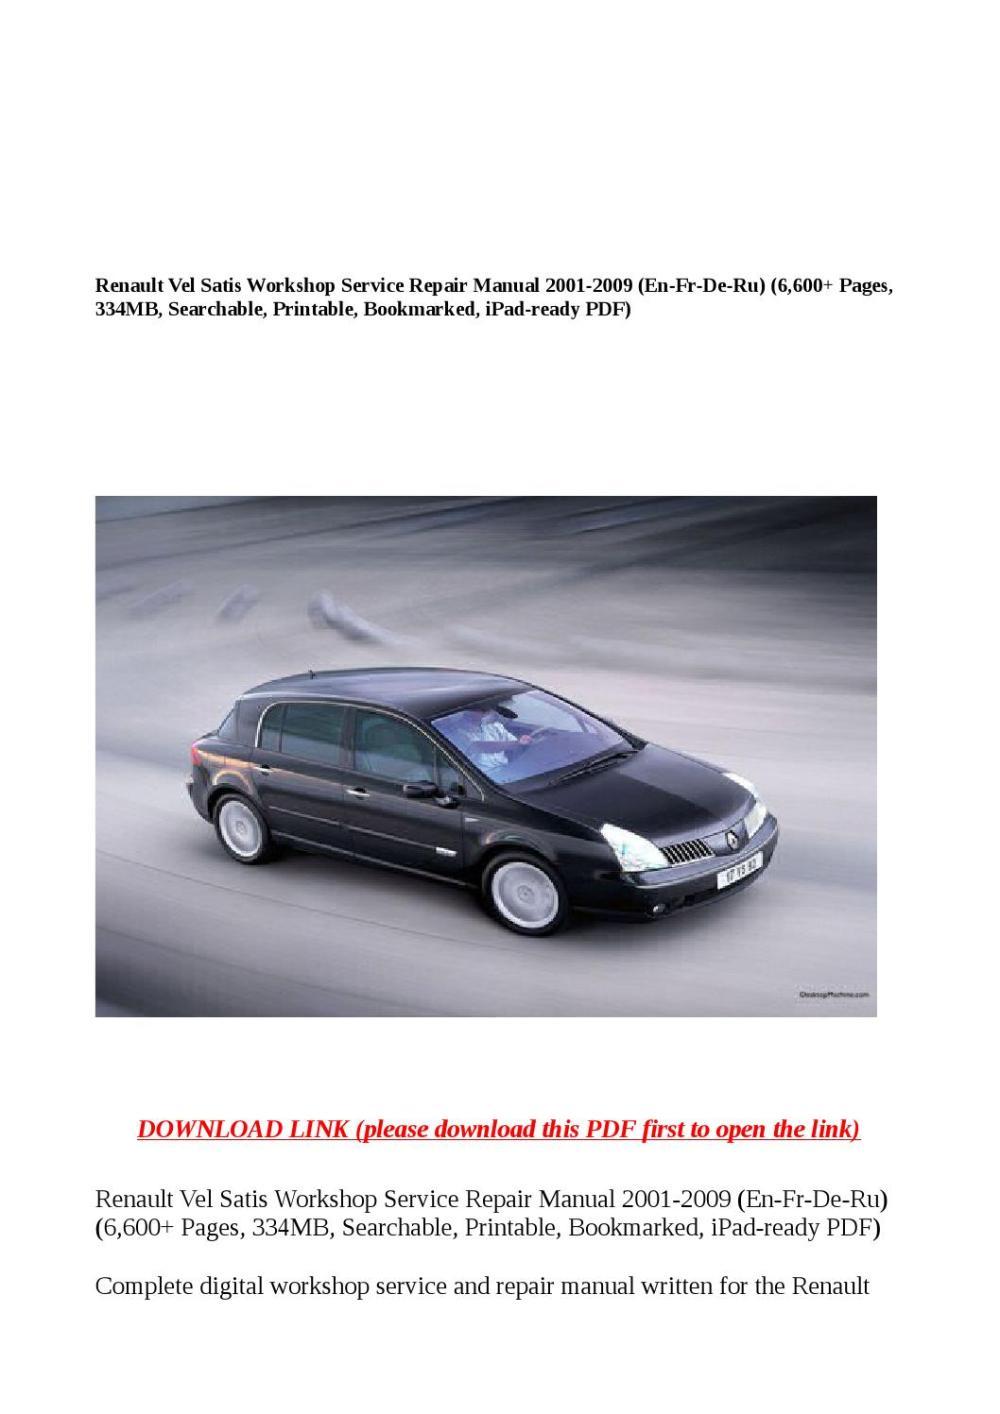 medium resolution of renault vel satis workshop service repair manual 2001 2009 en fr de ru 6 600 pages 334mb search by buhbu issuu